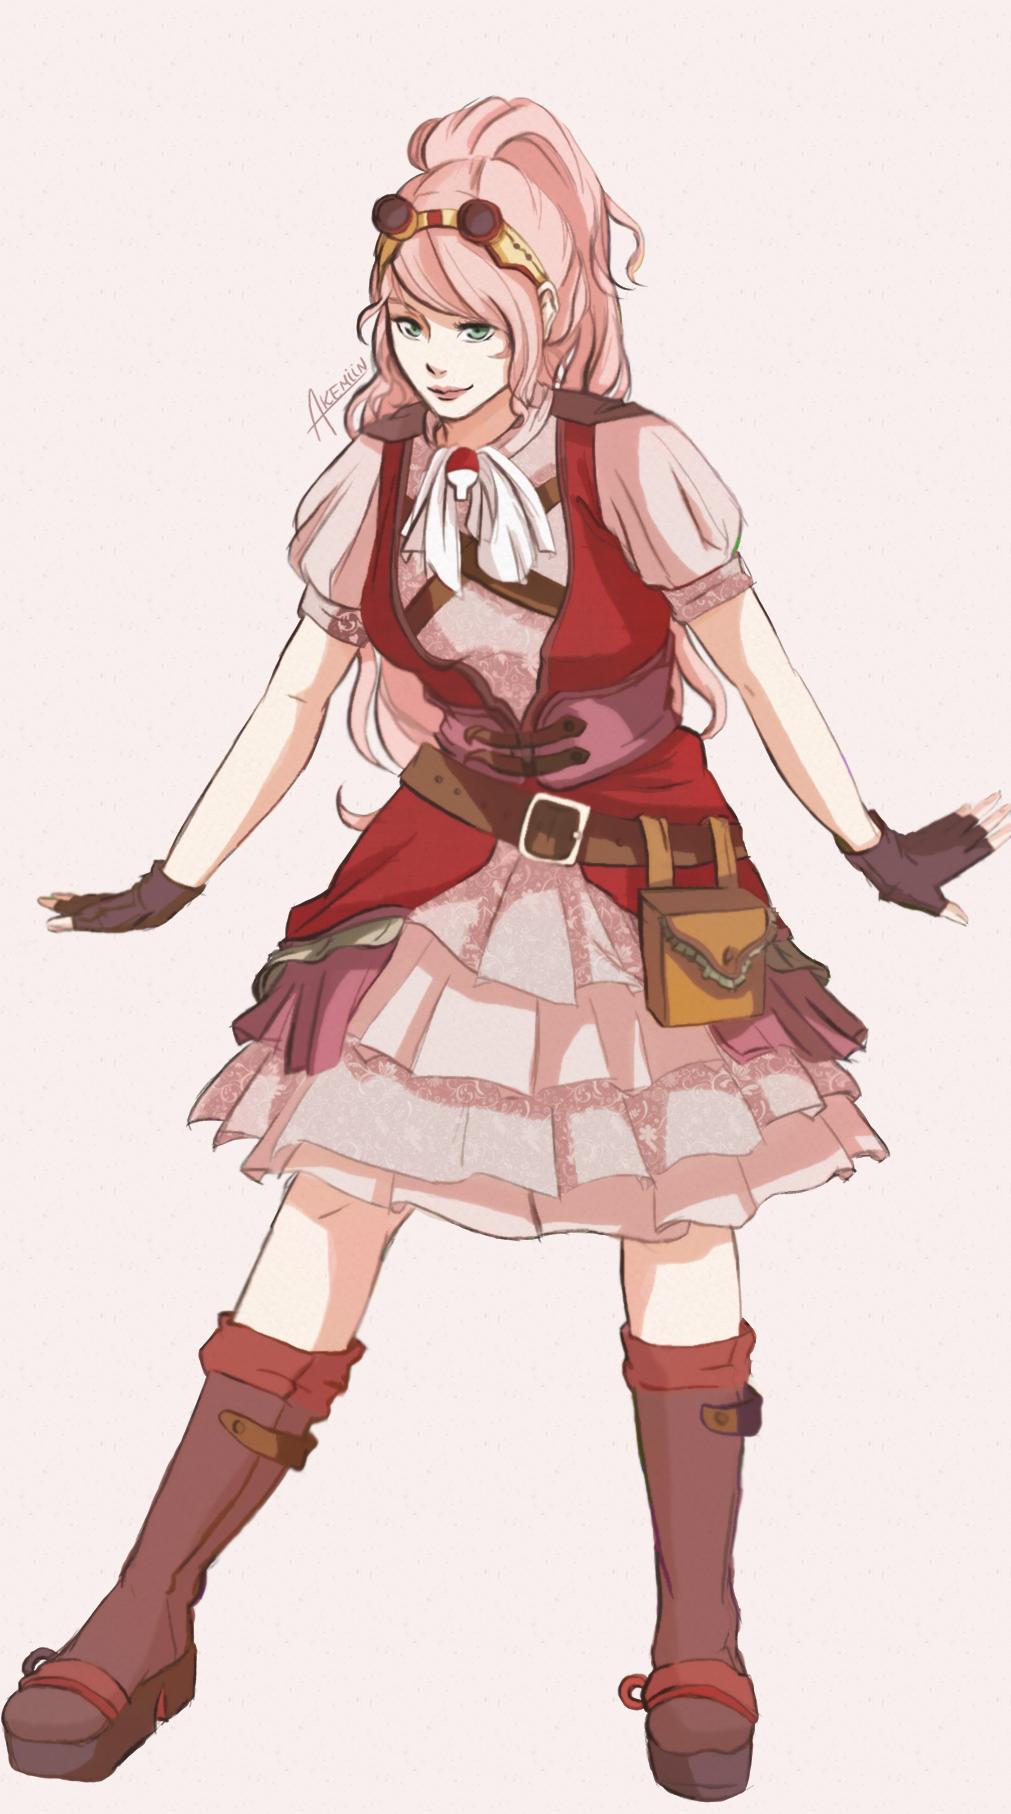 Haruno Sakura (Sakura Haruno) - NARUTO - Mobile Wallpaper #1855937 - Zerochan Anime Image Board